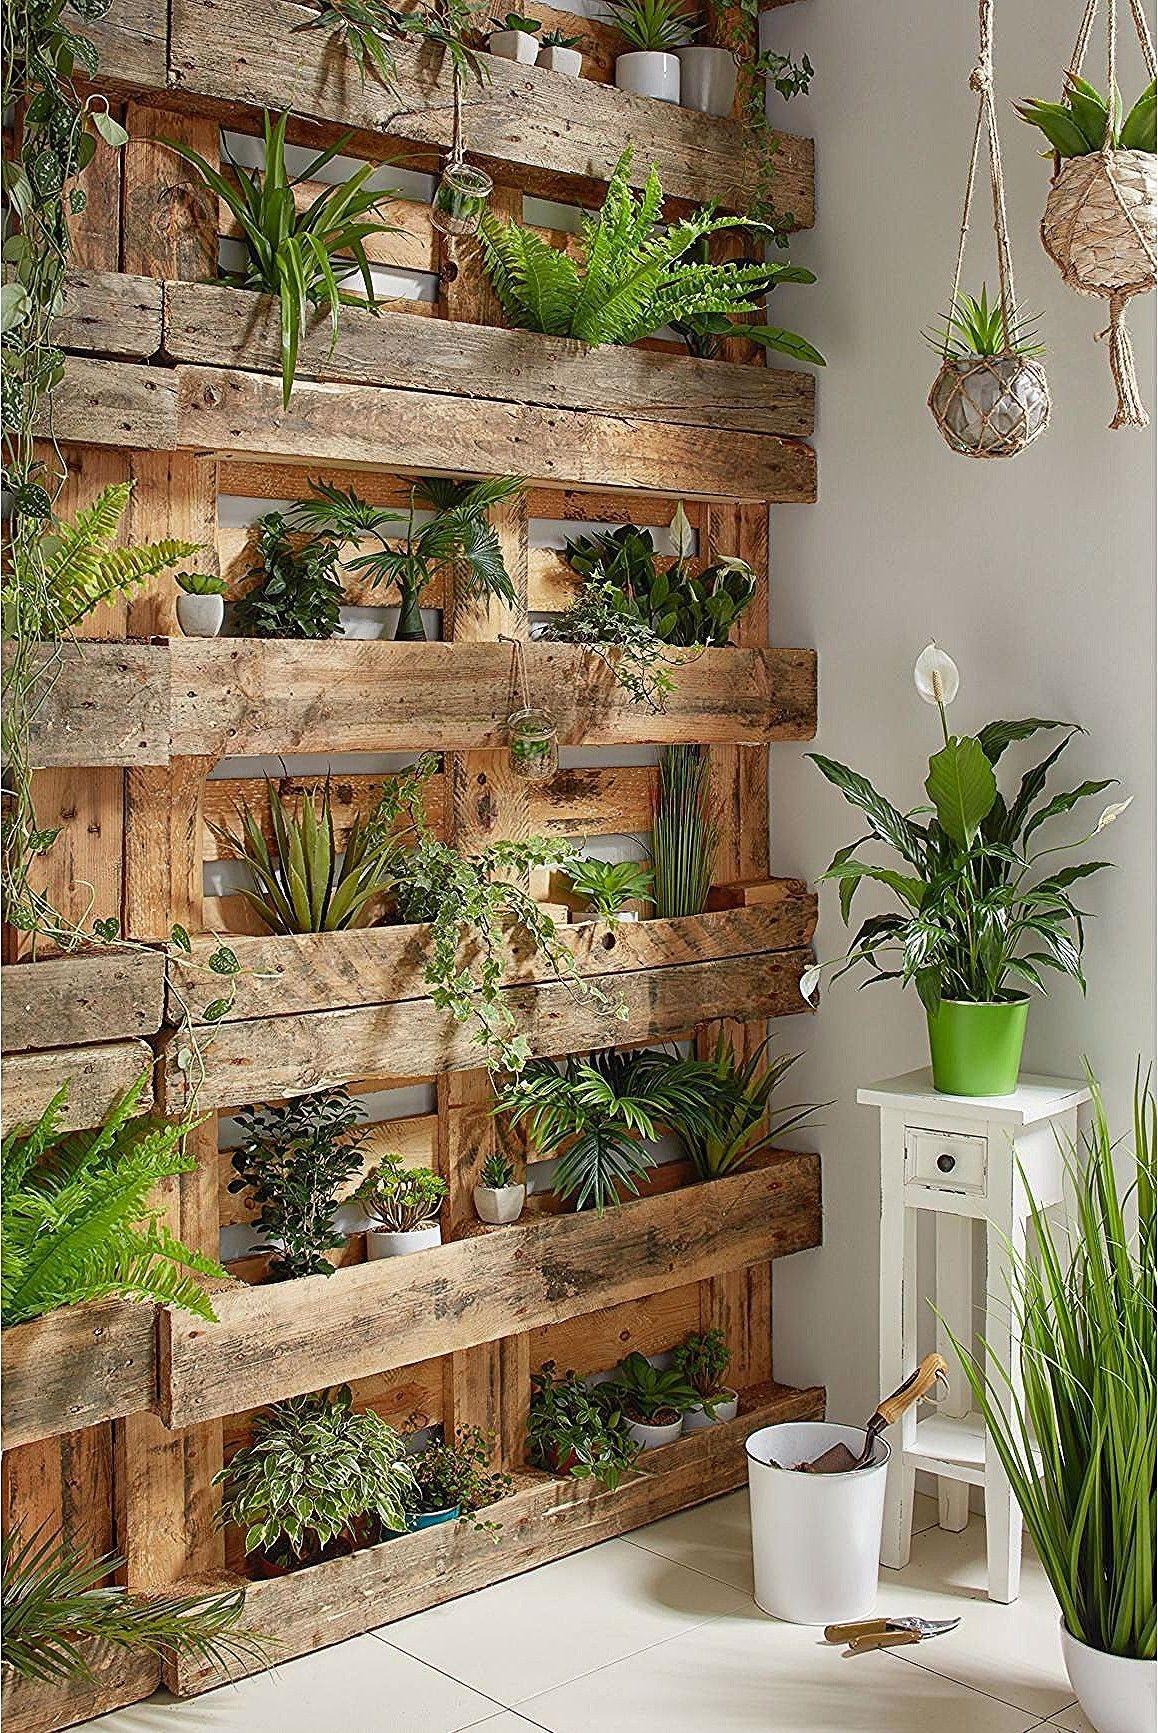 44 brilliantes idées DIY: Comment créer un mur végétal en palette pour votre maison?